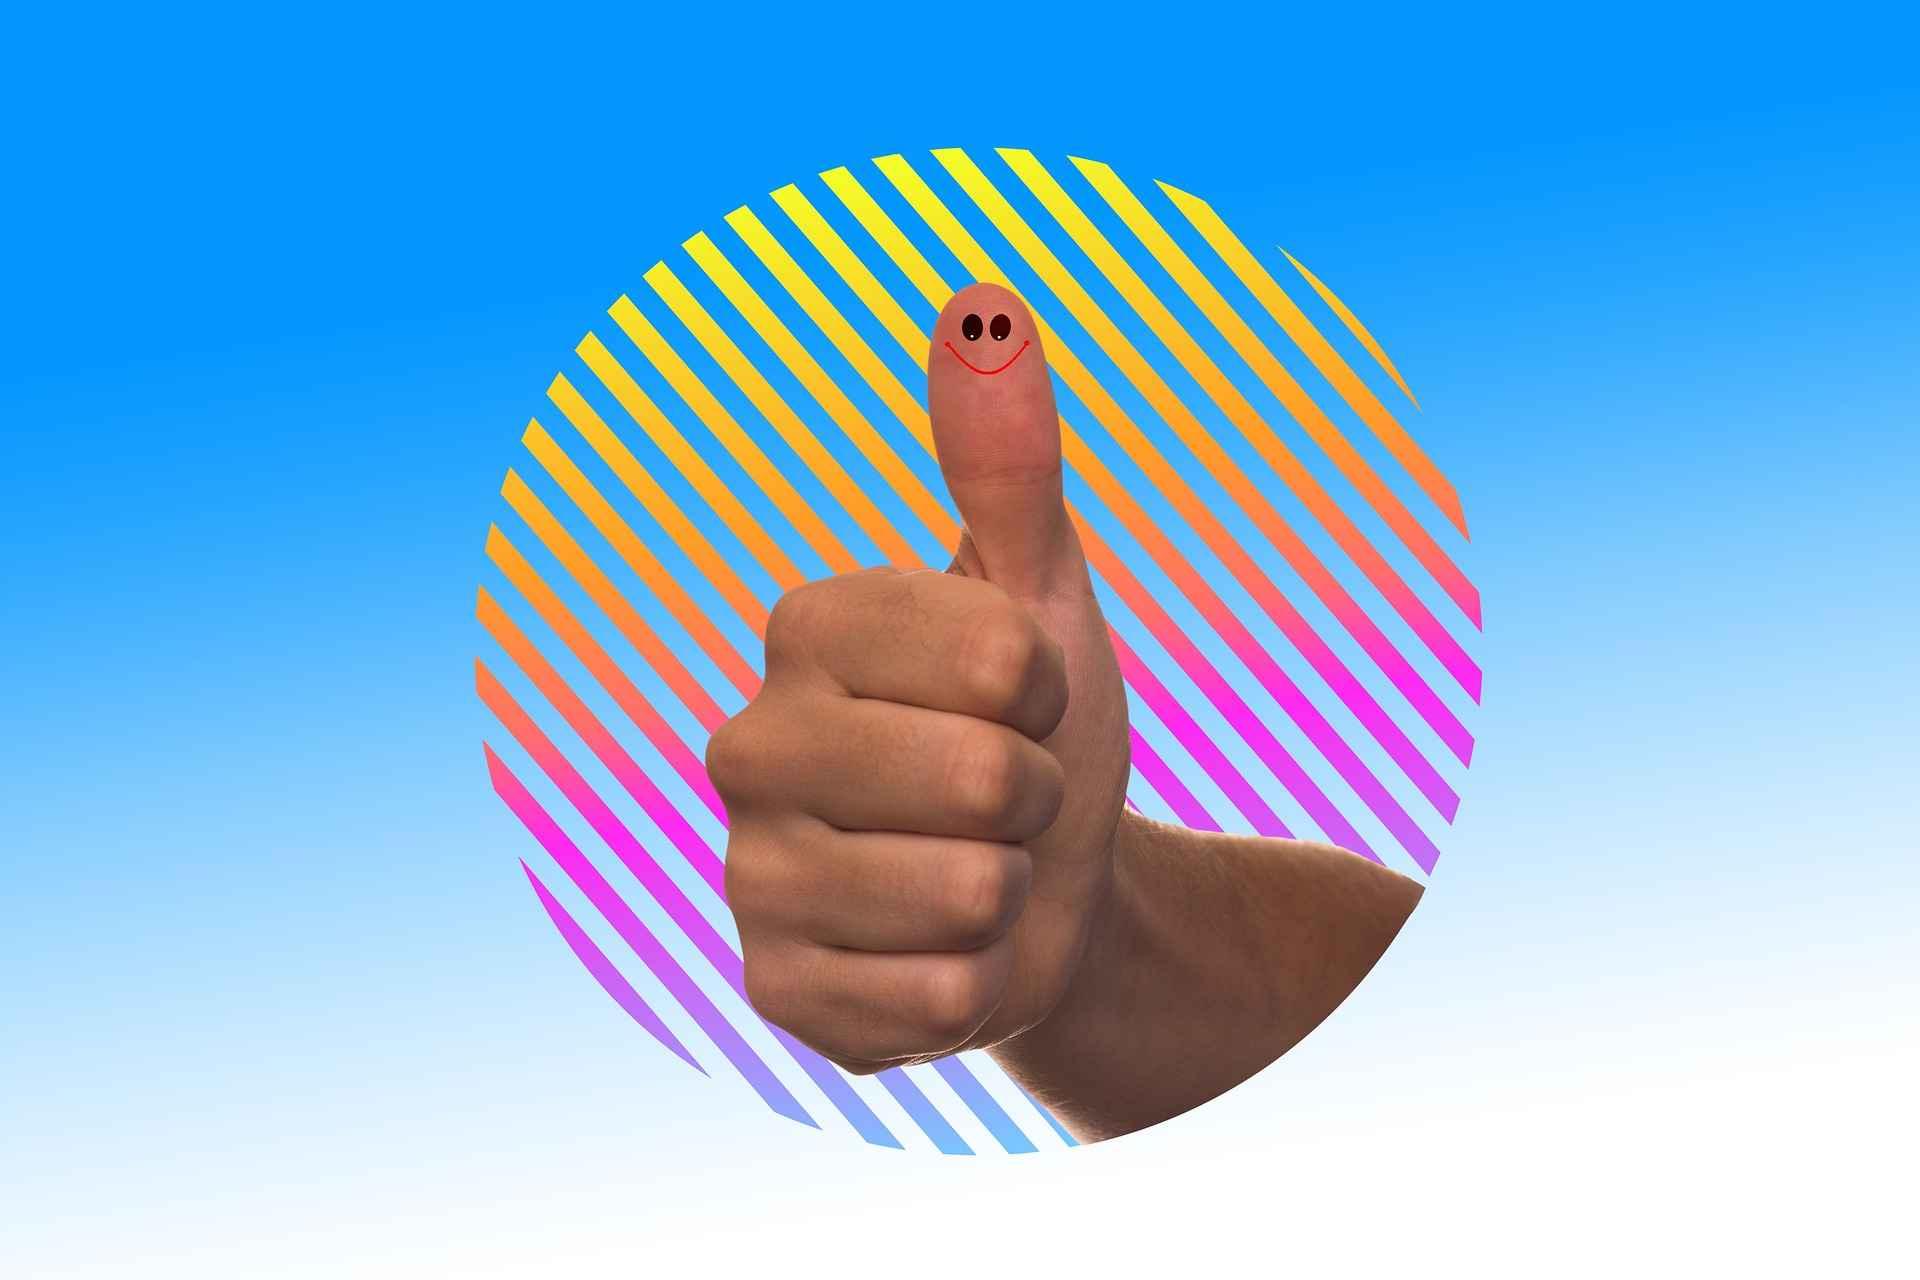 палец, който сочи наготе 15 сигнала, че ще постигнем успех